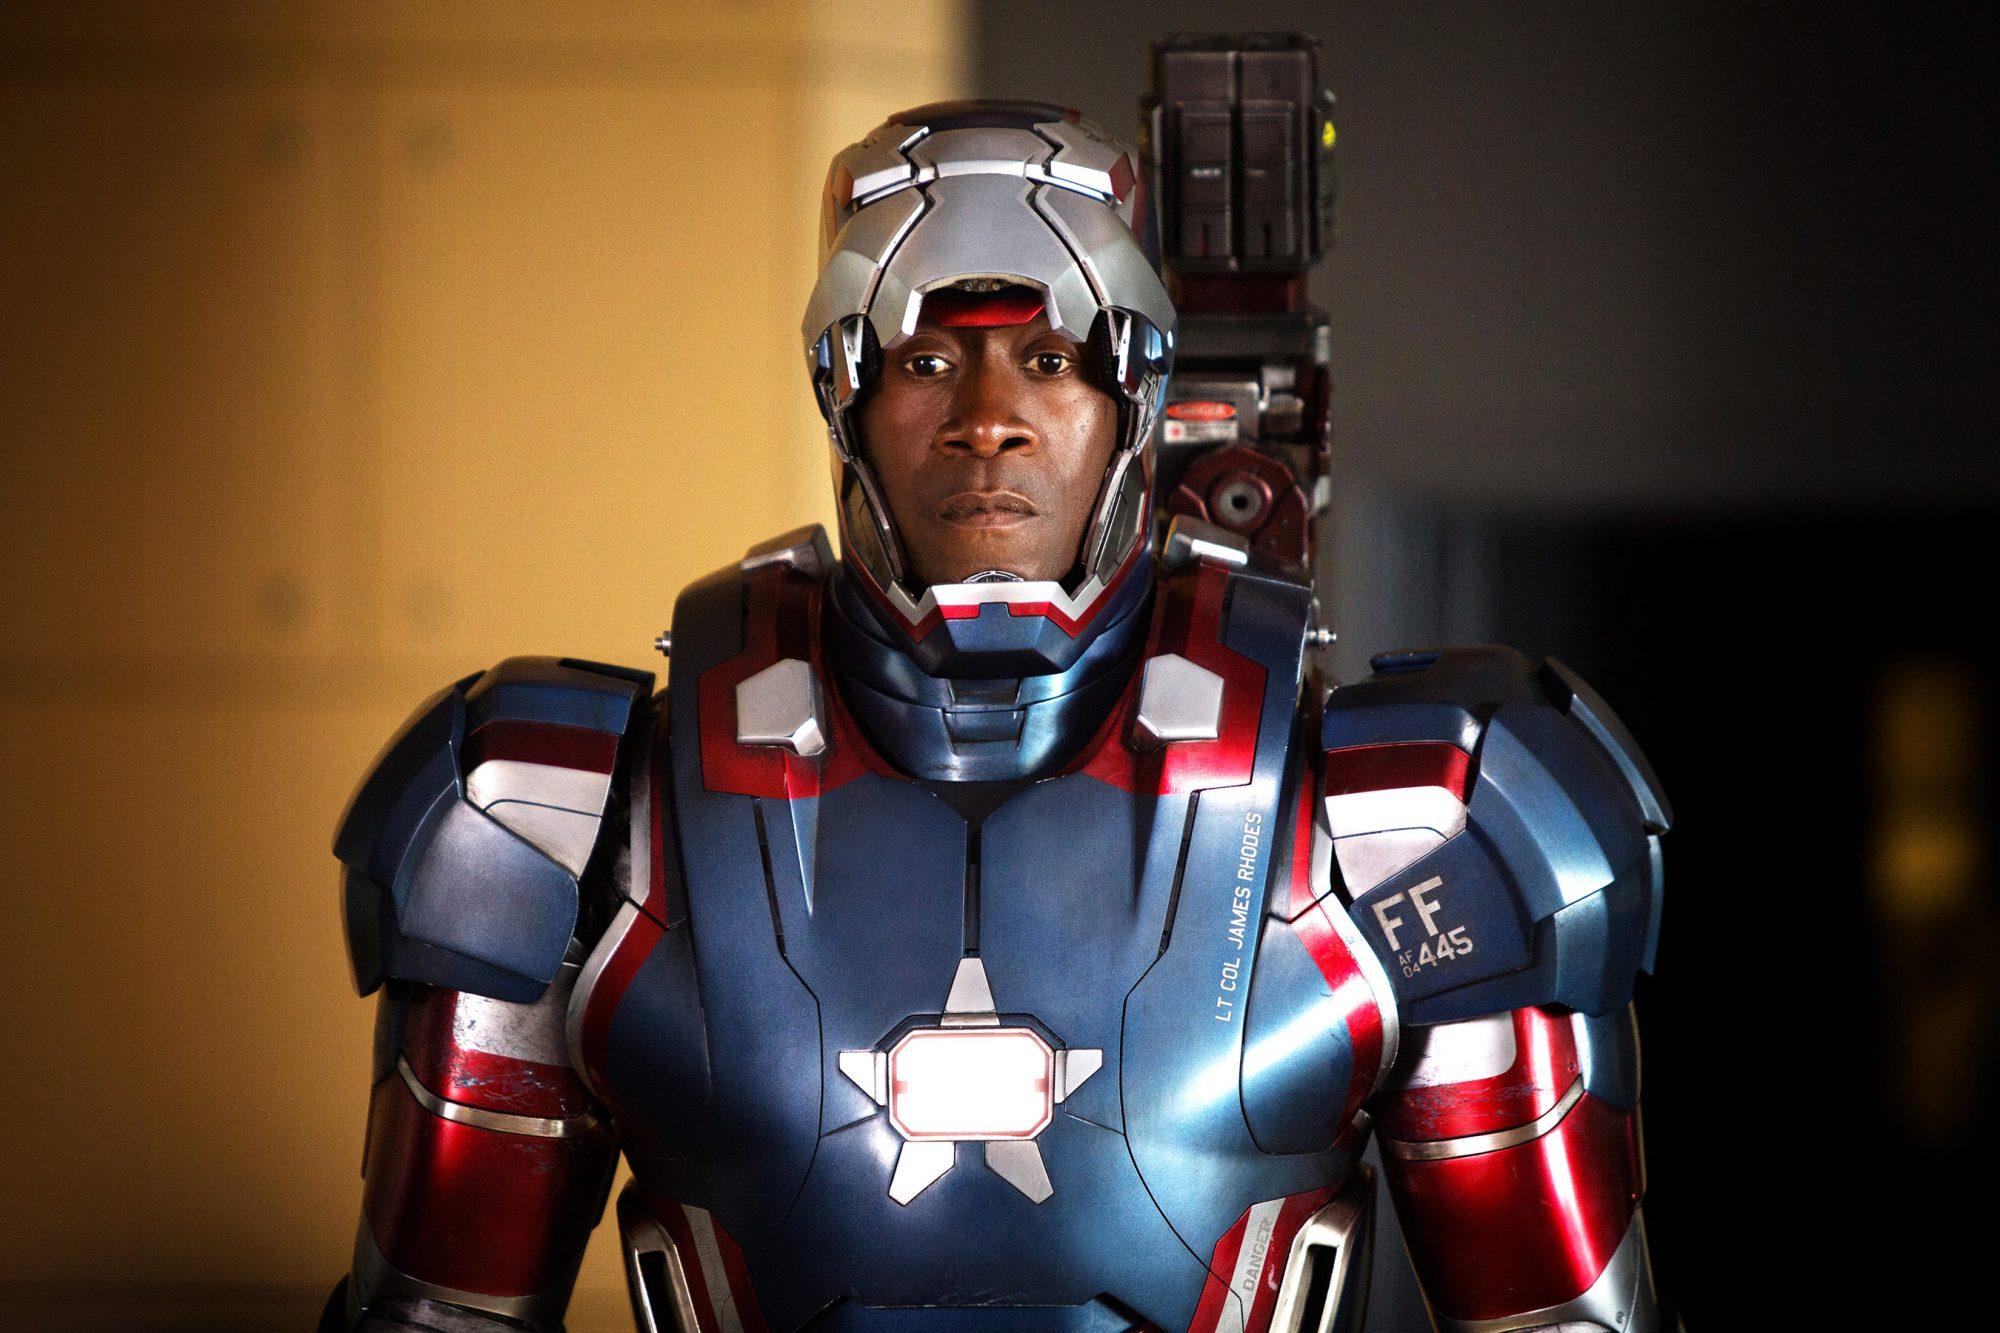 Iron Man 3 (2013)James Rhodes/Iron Patriot (Don Cheadle)